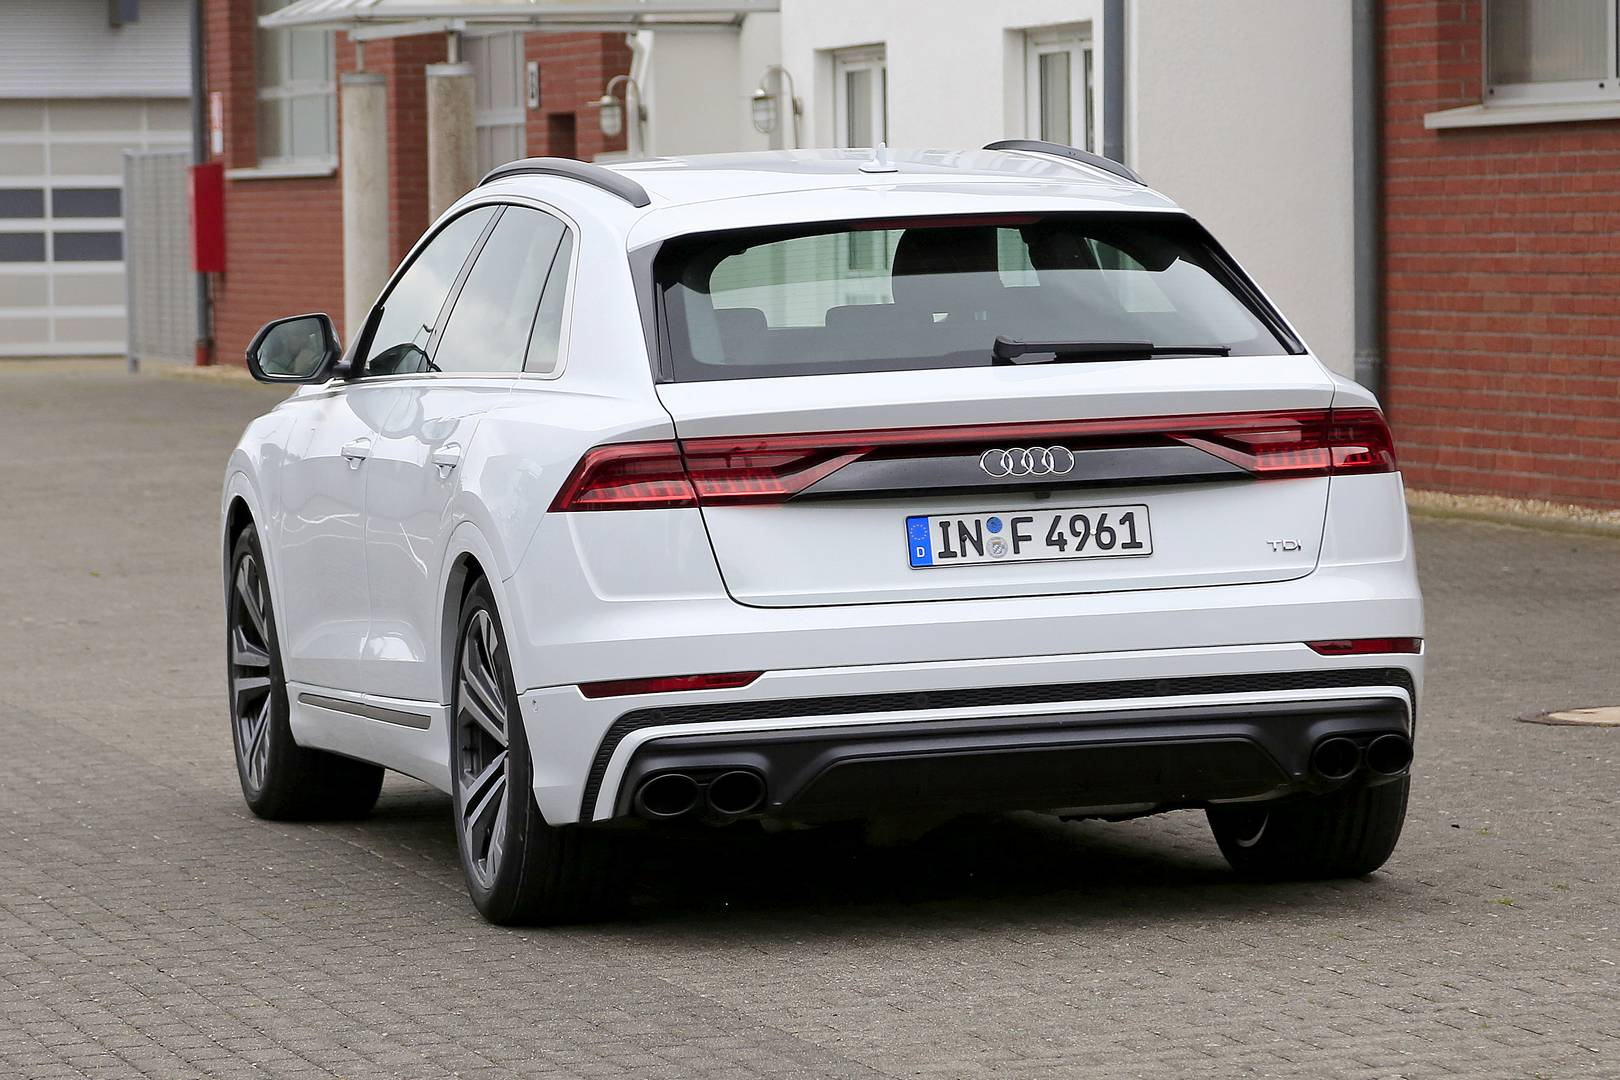 Сегодня мы имеем только одну модель, а модели TDI и TFSI, будут рассчитывают на большую часть продаж, будут выпущены позже. Тем временем фотографы-шпионы обнаружили совершенно неприкрытый прототип нового Audi SQ8.